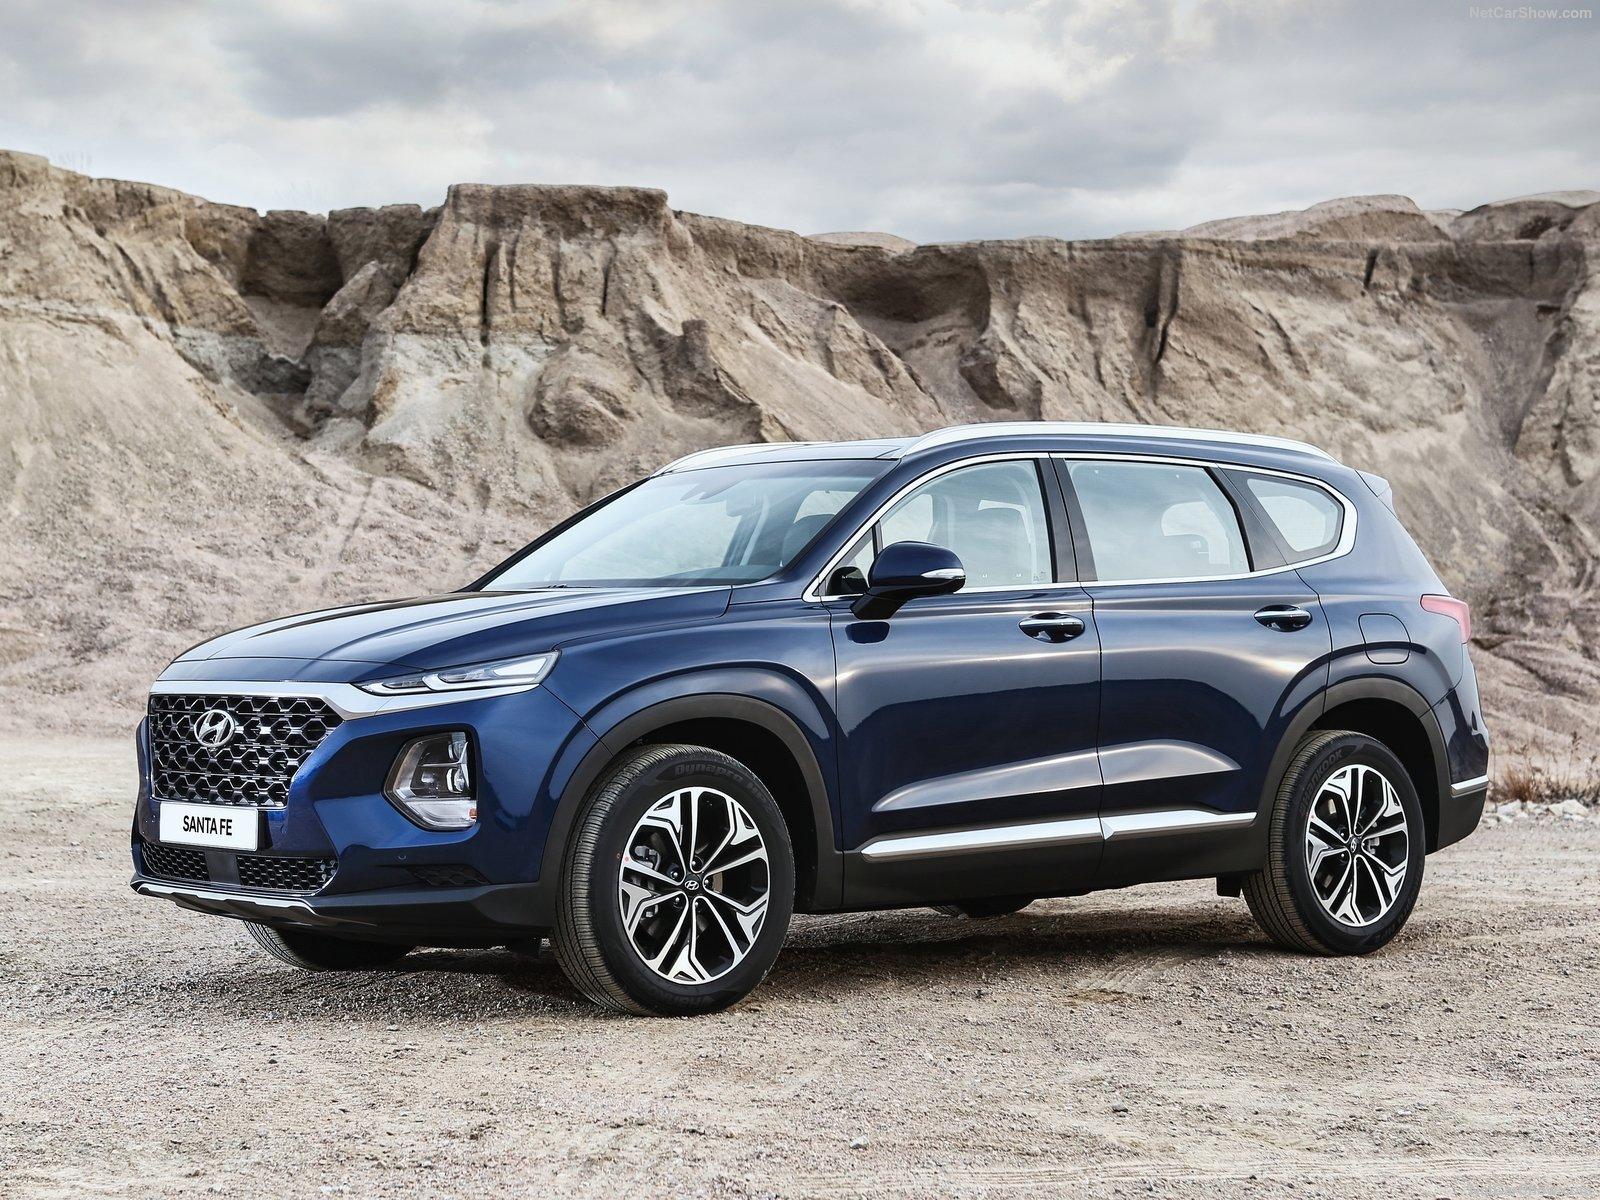 Hyundai-Santa_Fe-2019-hyundaicar-9